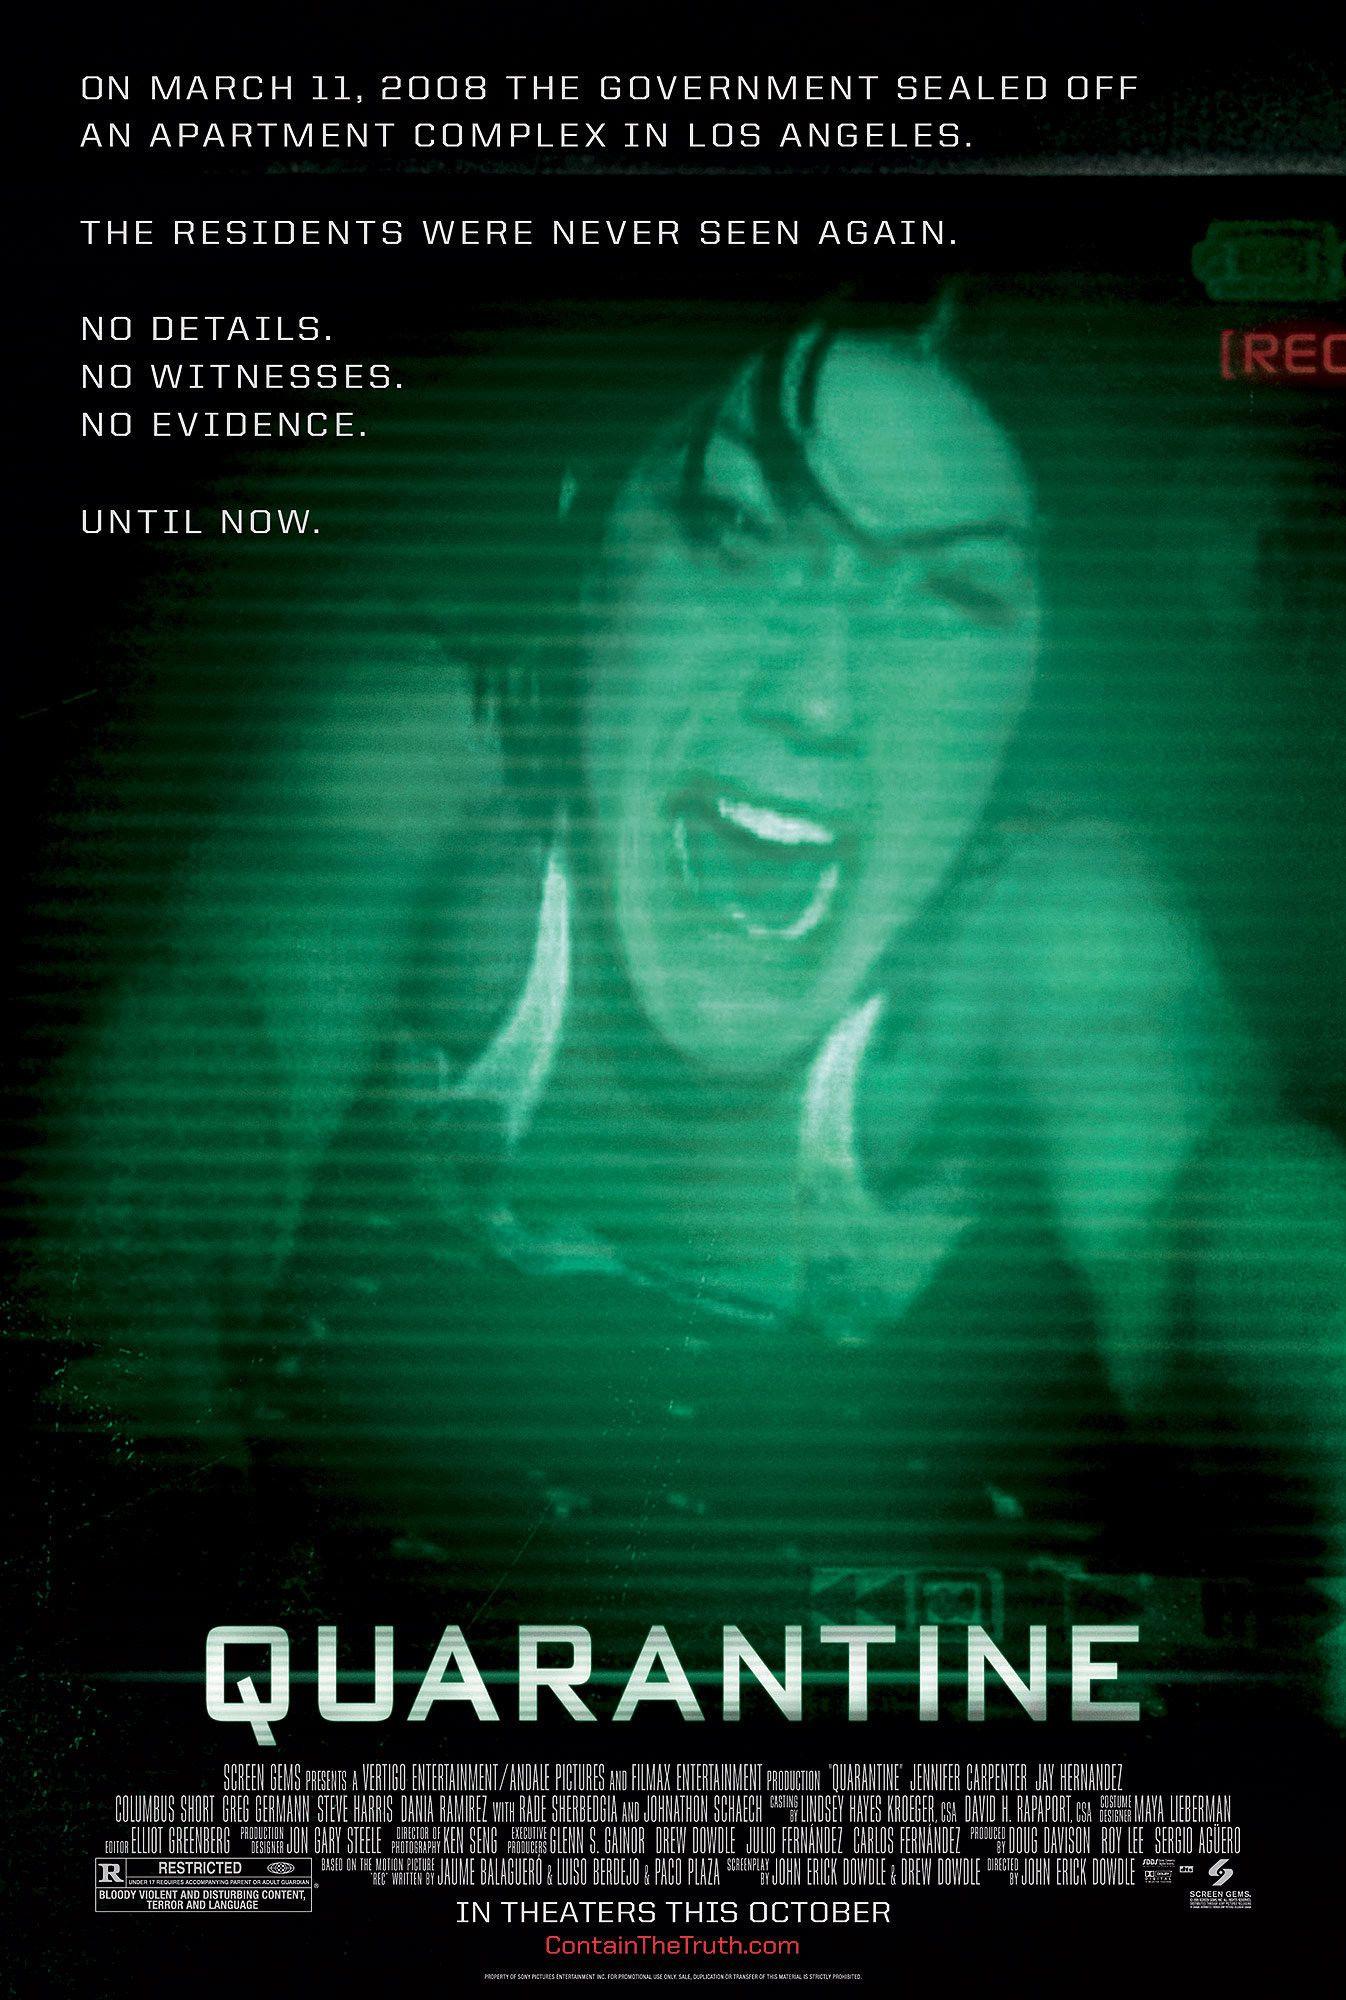 quarantine 2008 - photo #1